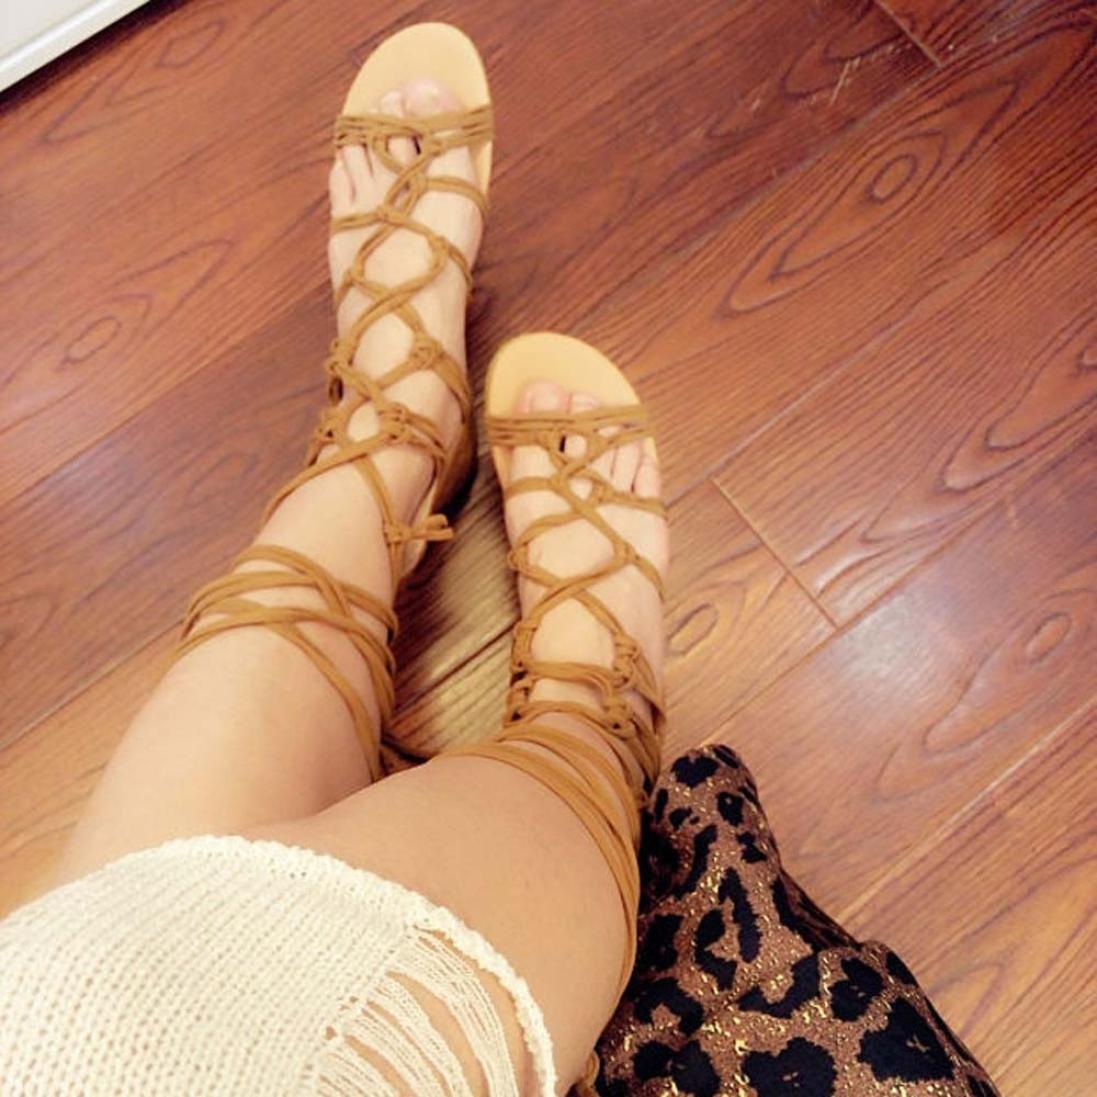 LUCKYCAT Sandales d/ét/é Femme Chaussures de /Ét/é Sandales /à Talons Chaussures Plates Bottes Hautes Sandales Boh/ême Pansements Chaussures D/écontract/ées 2018